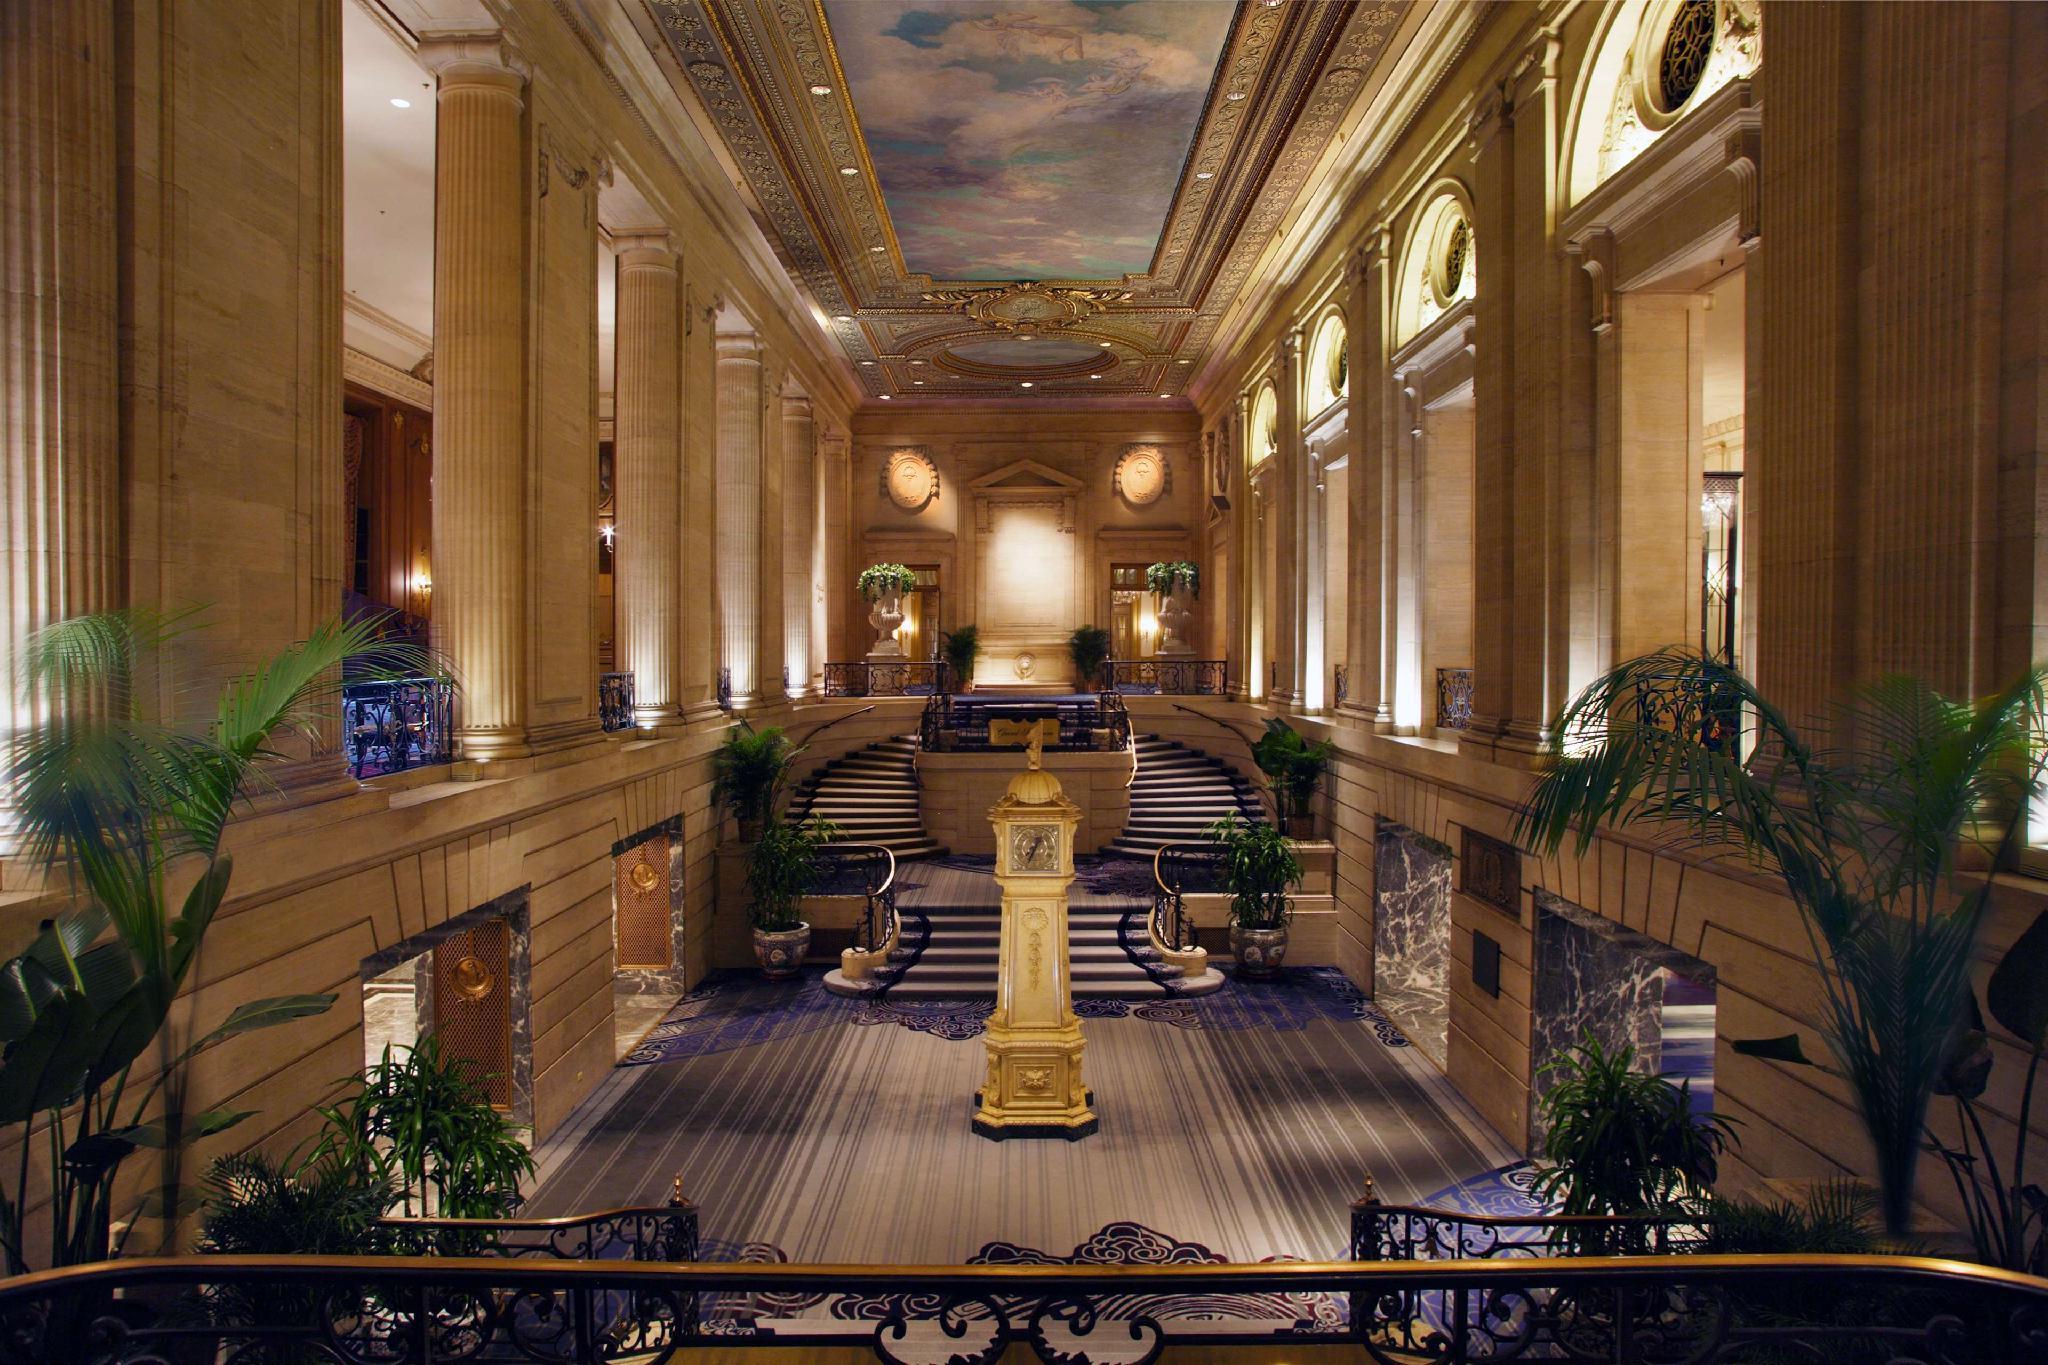 Hilton Chicago Hotel image